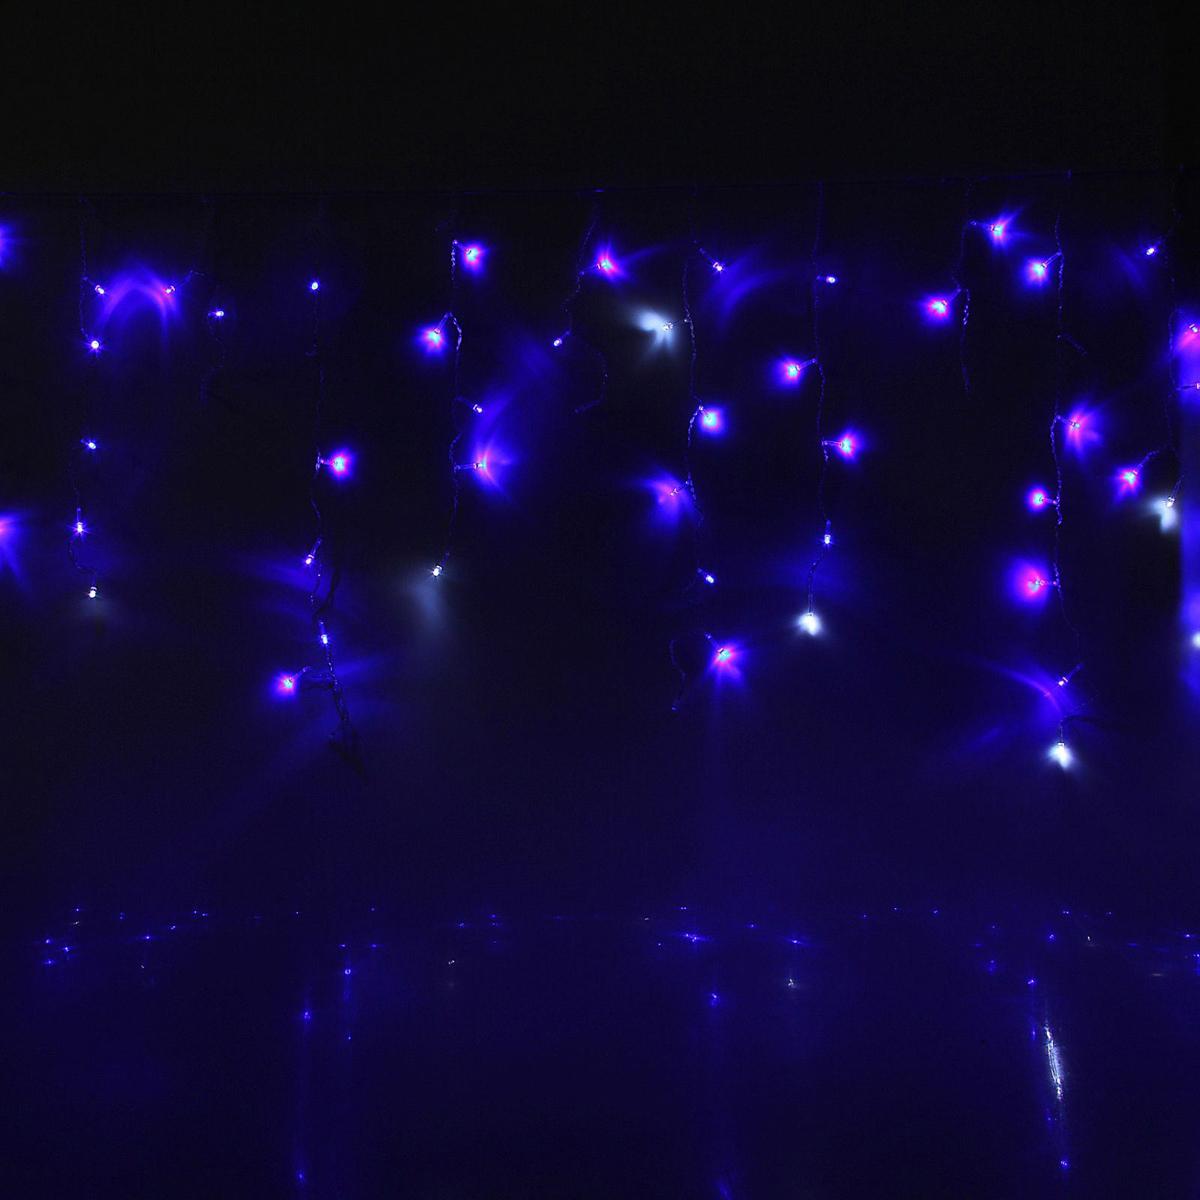 Гирлянда светодиодная Luazon Бахрома. Арка, эффект мерцания, 126 ламп, 220 V, 1 х 1 м. 10804381080438Светодиодные гирлянды, ленты и т.д — это отличный вариант для новогоднего оформления интерьера или фасада. С их помощью помещение любого размера можно превратить в праздничный зал, а внешние элементы зданий, украшенные ими, мгновенно станут напоминать очертания сказочного дворца. Такие украшения создают ауру предвкушения чуда. Деревья, фасады, витрины, окна и арки будто специально созданы, чтобы вы украсили их светящимися нитями.